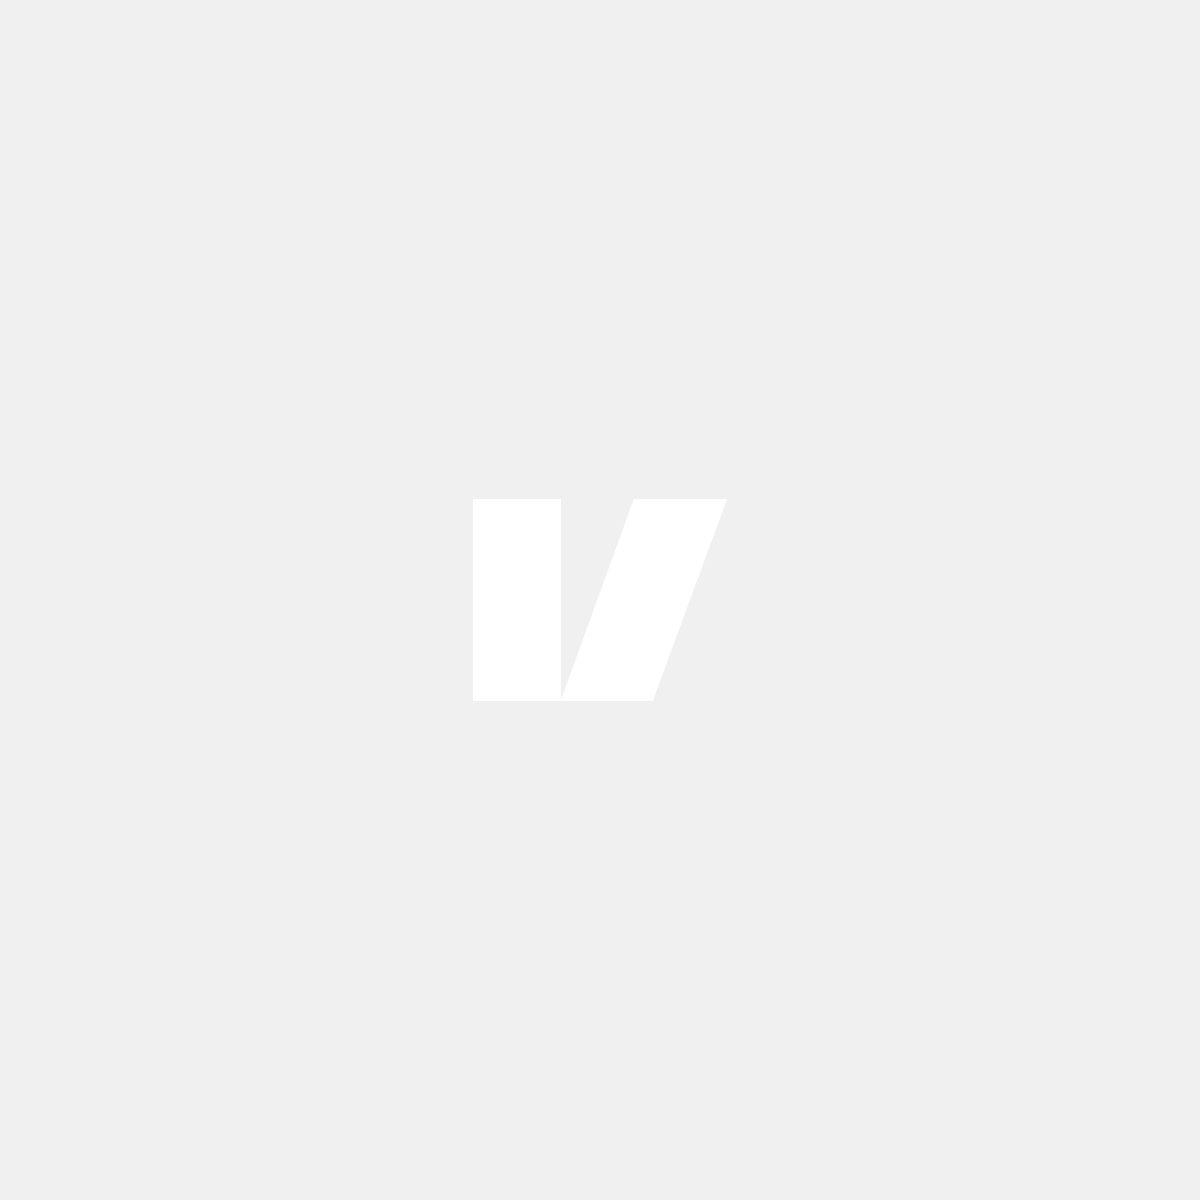 Bakljus till Volvo 244 81-93, svart list, förarsidan